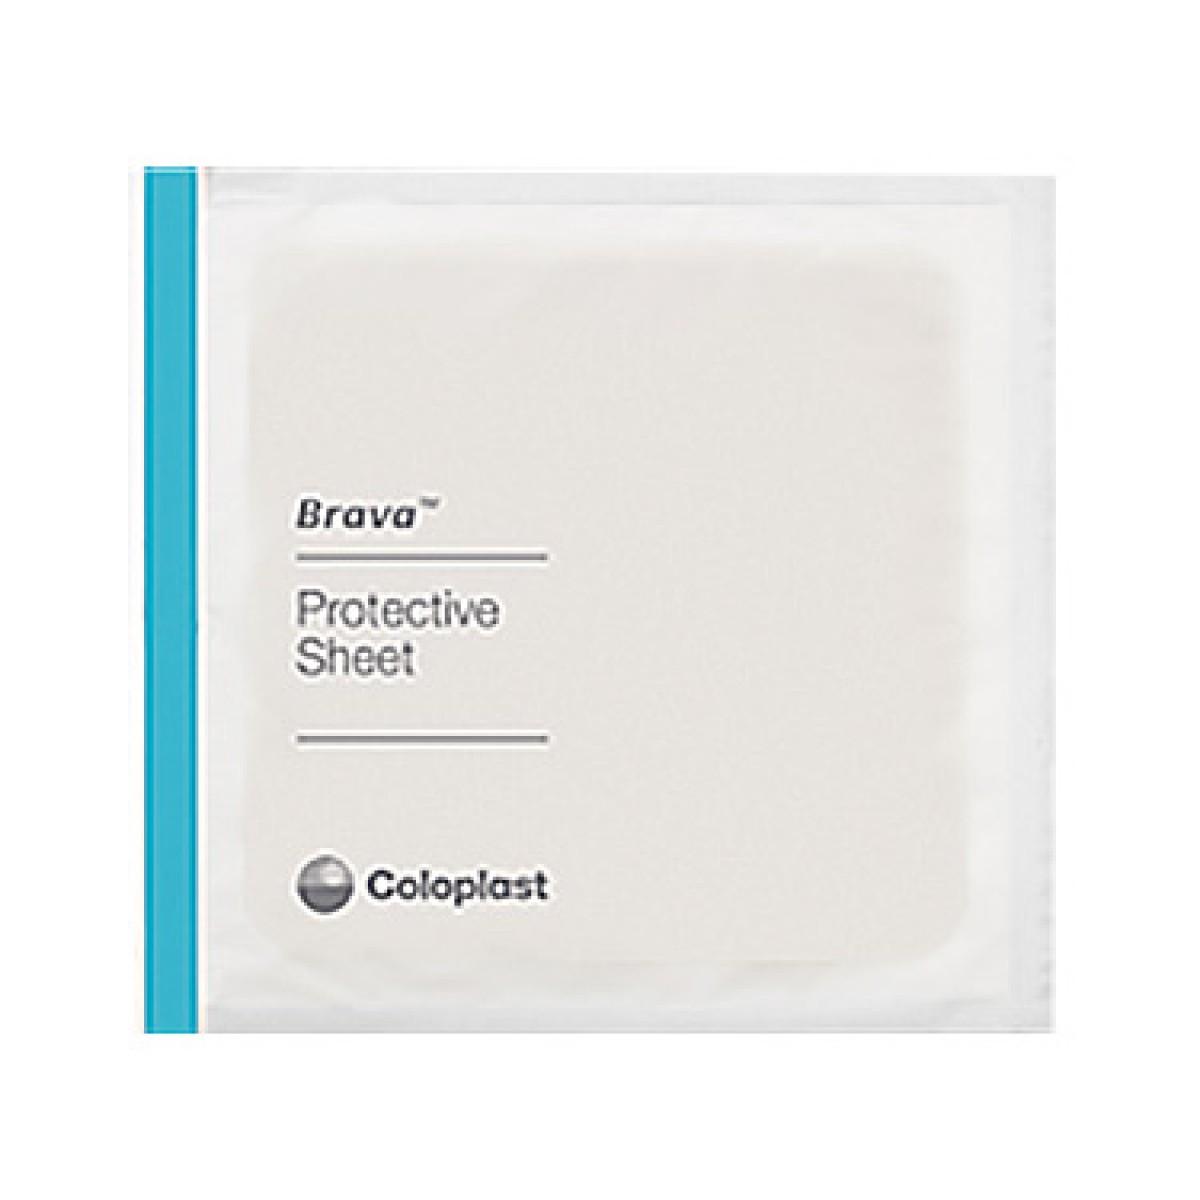 BRAVA PLACA PROTETORA 10 X 10CM 3210 - (COLOPLAST)